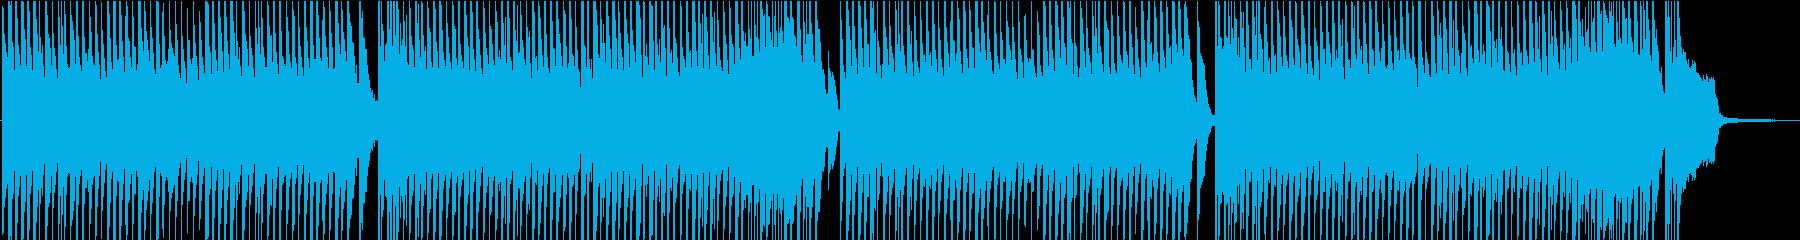 ユーモアとコミカルなドタバタBGMの再生済みの波形